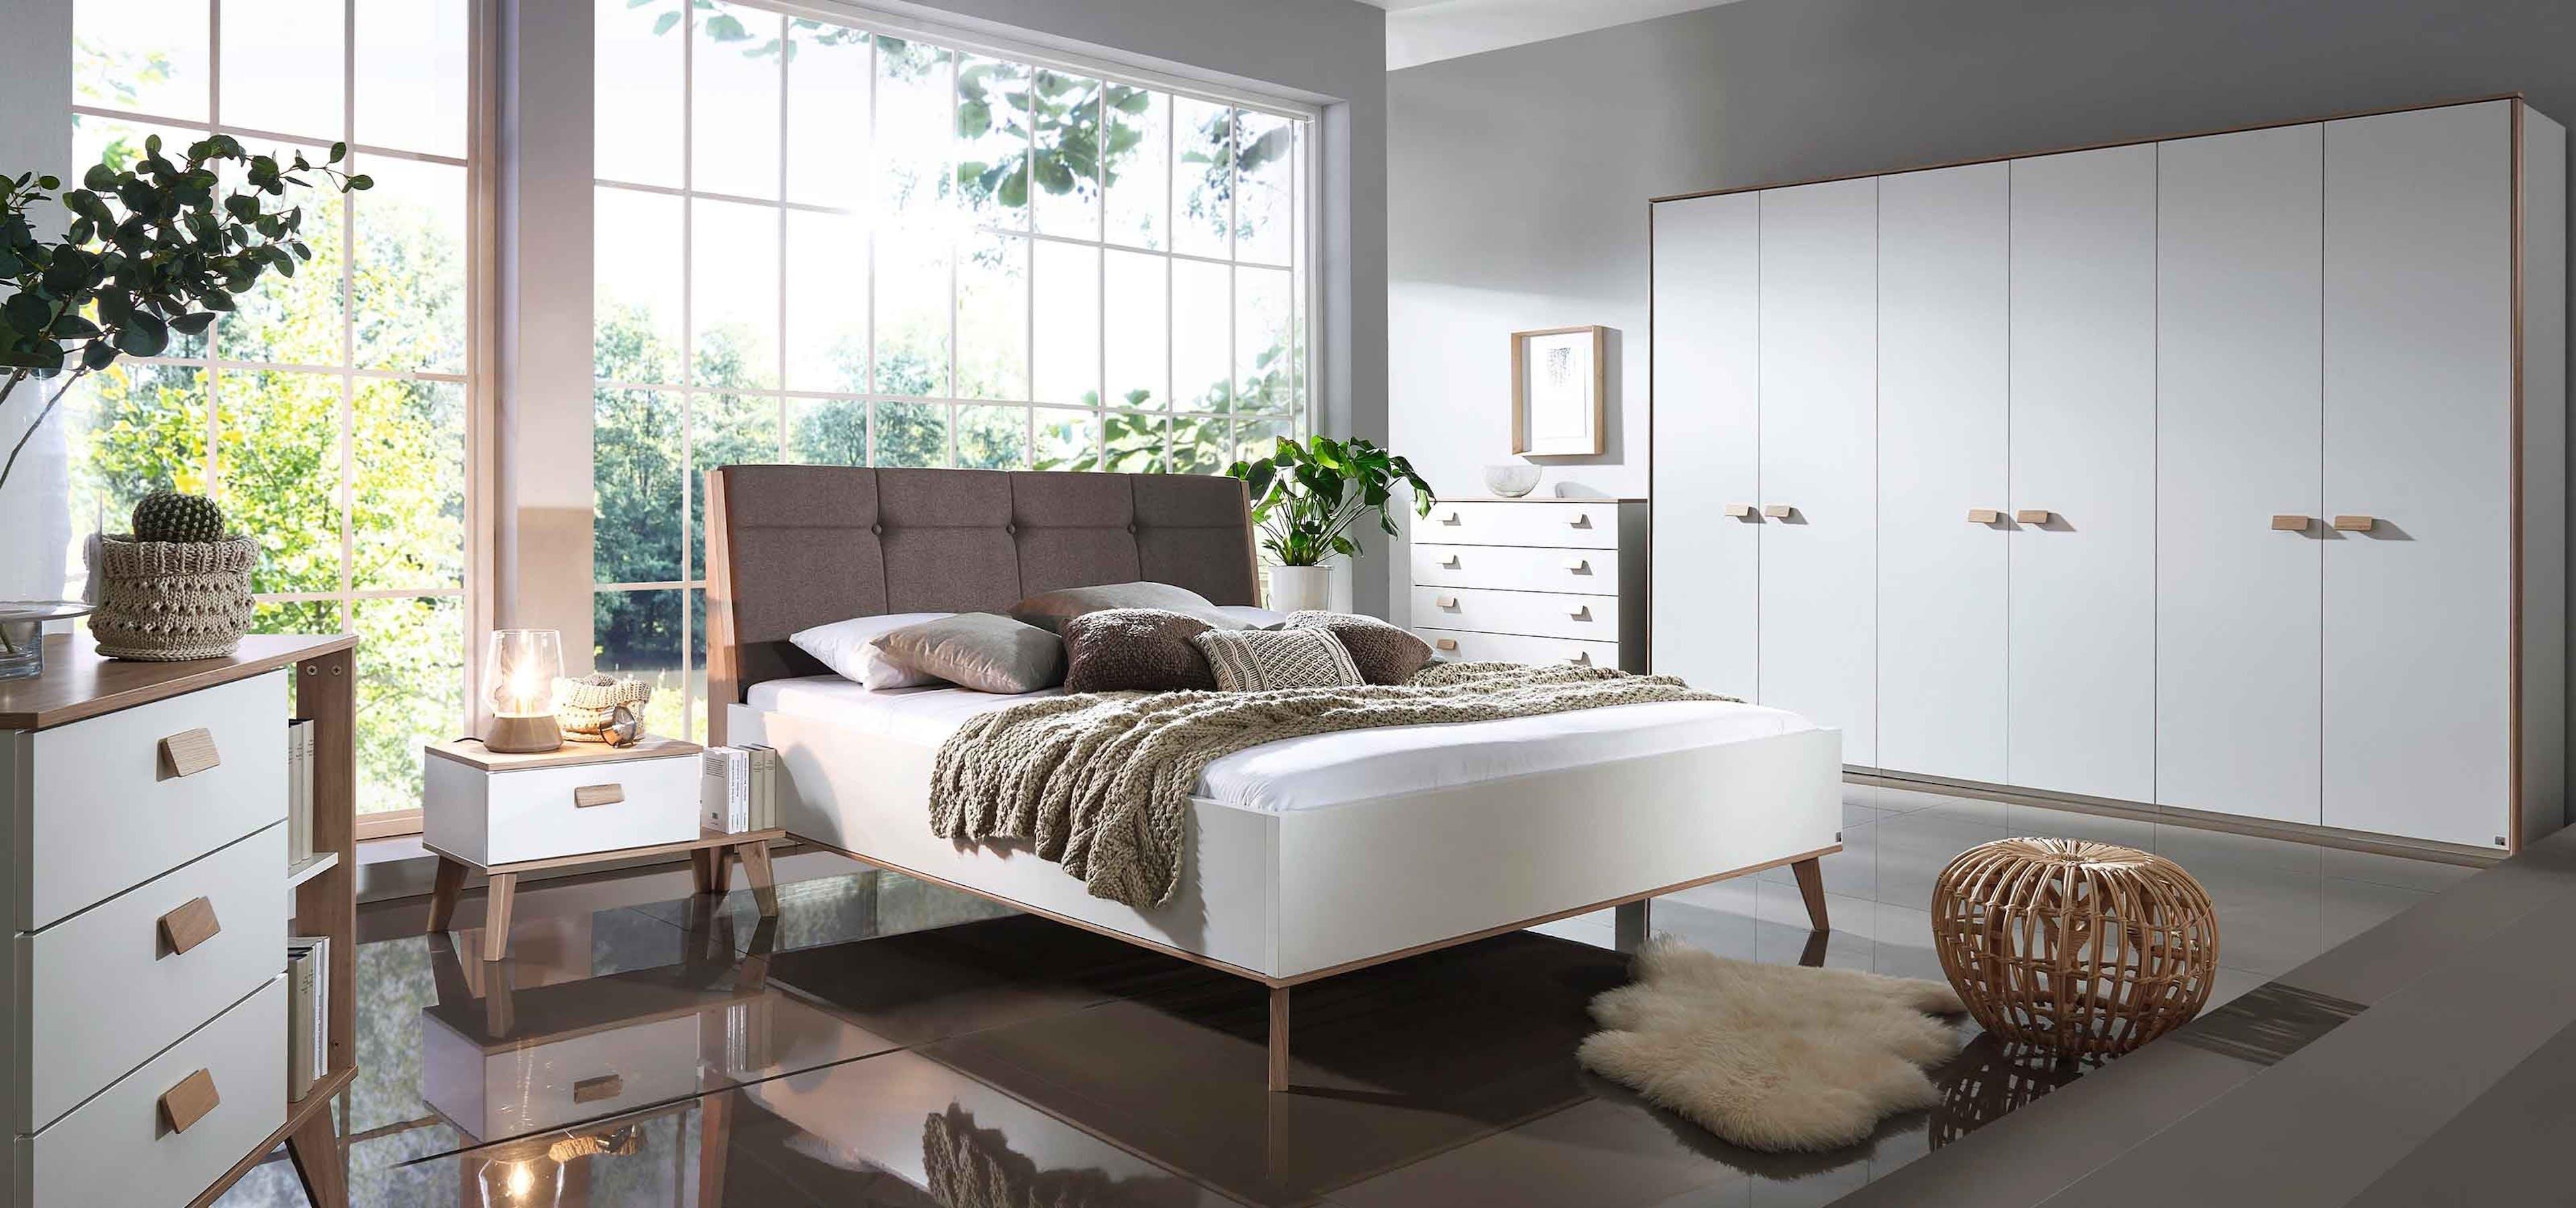 Schlafzimmer Jütland